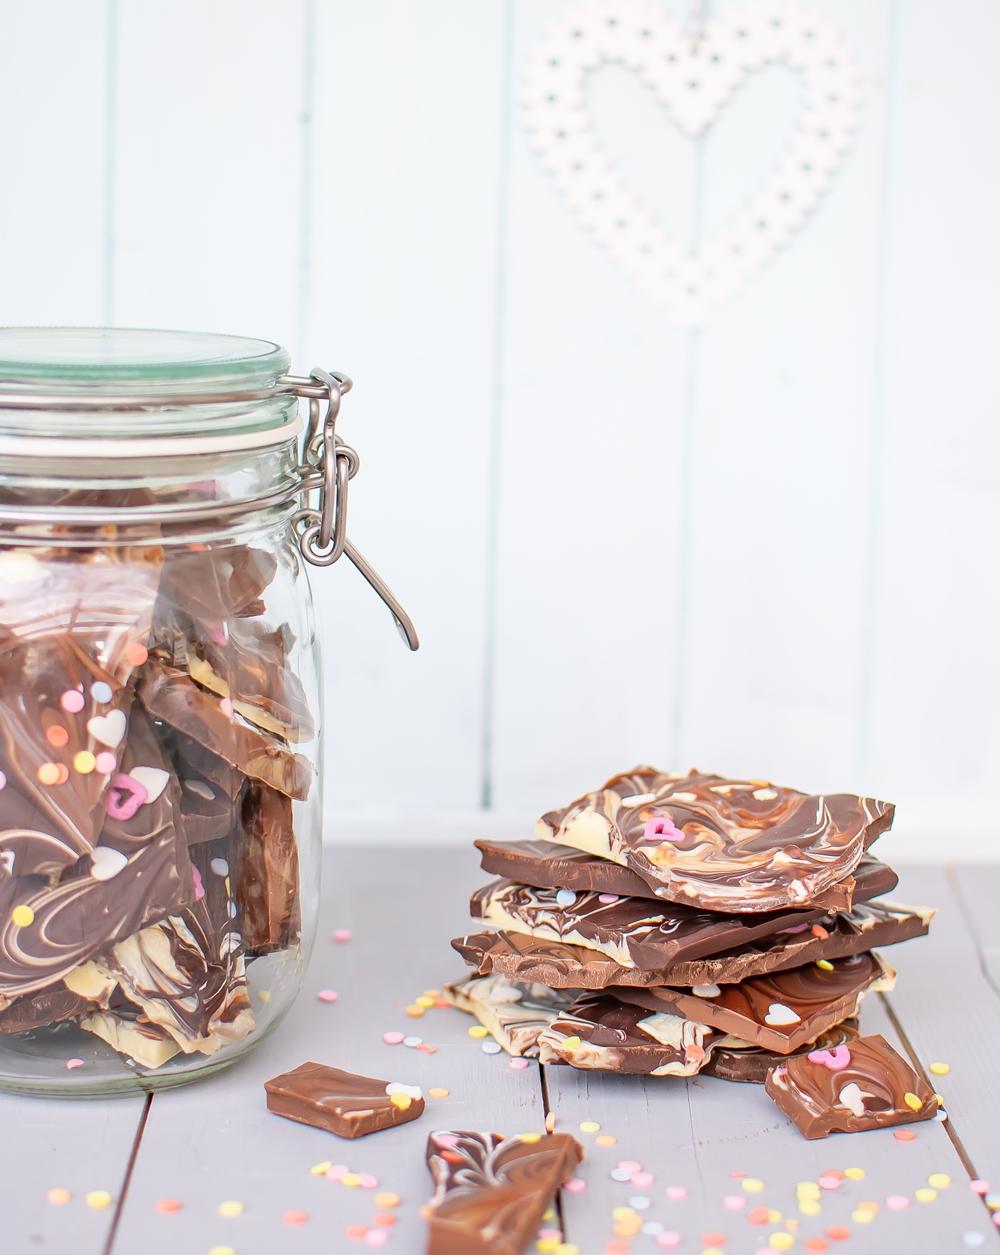 Bruchschokolade selber machen